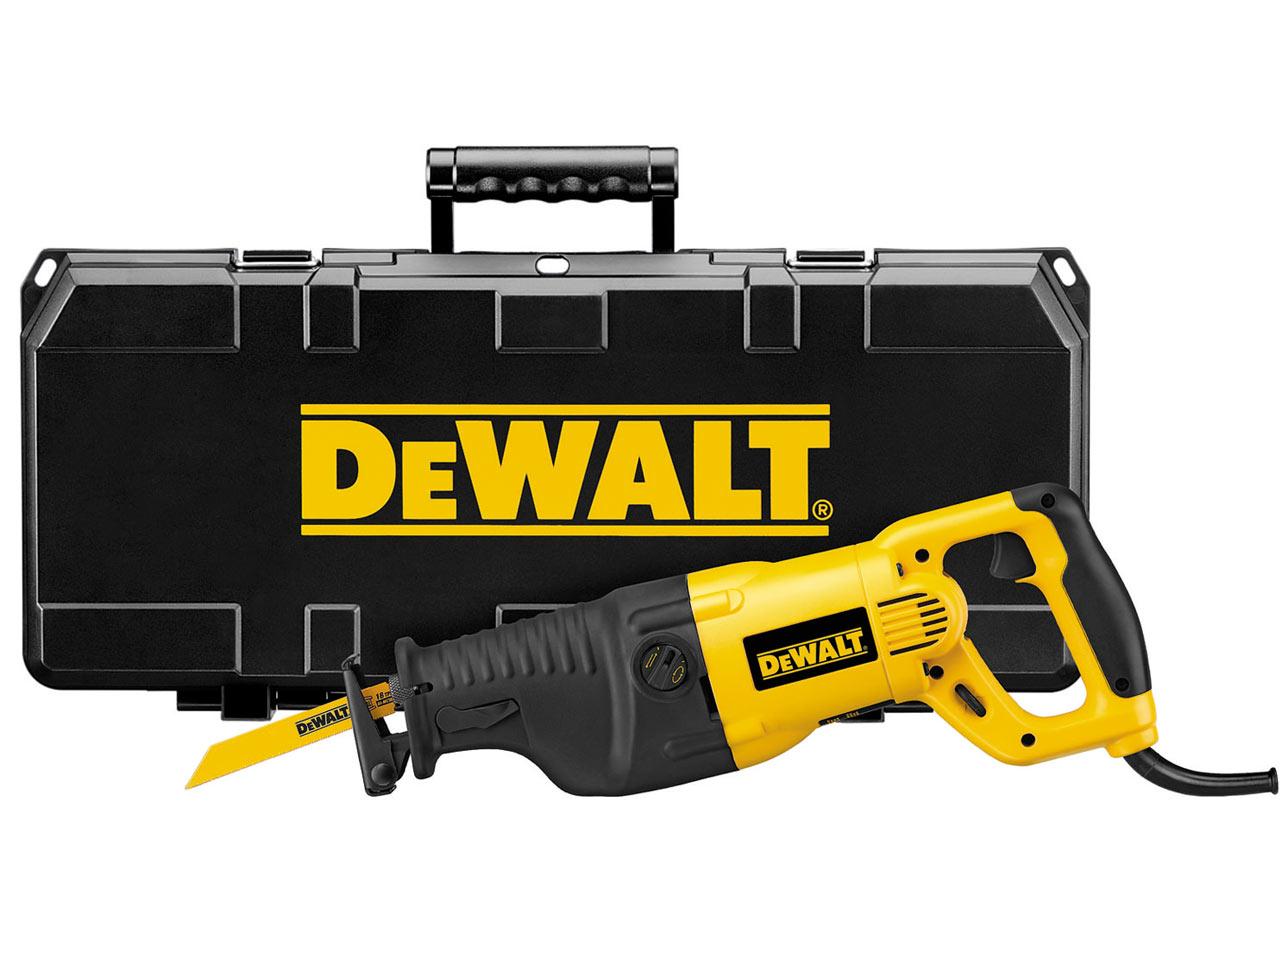 Dewalt DW 311 K